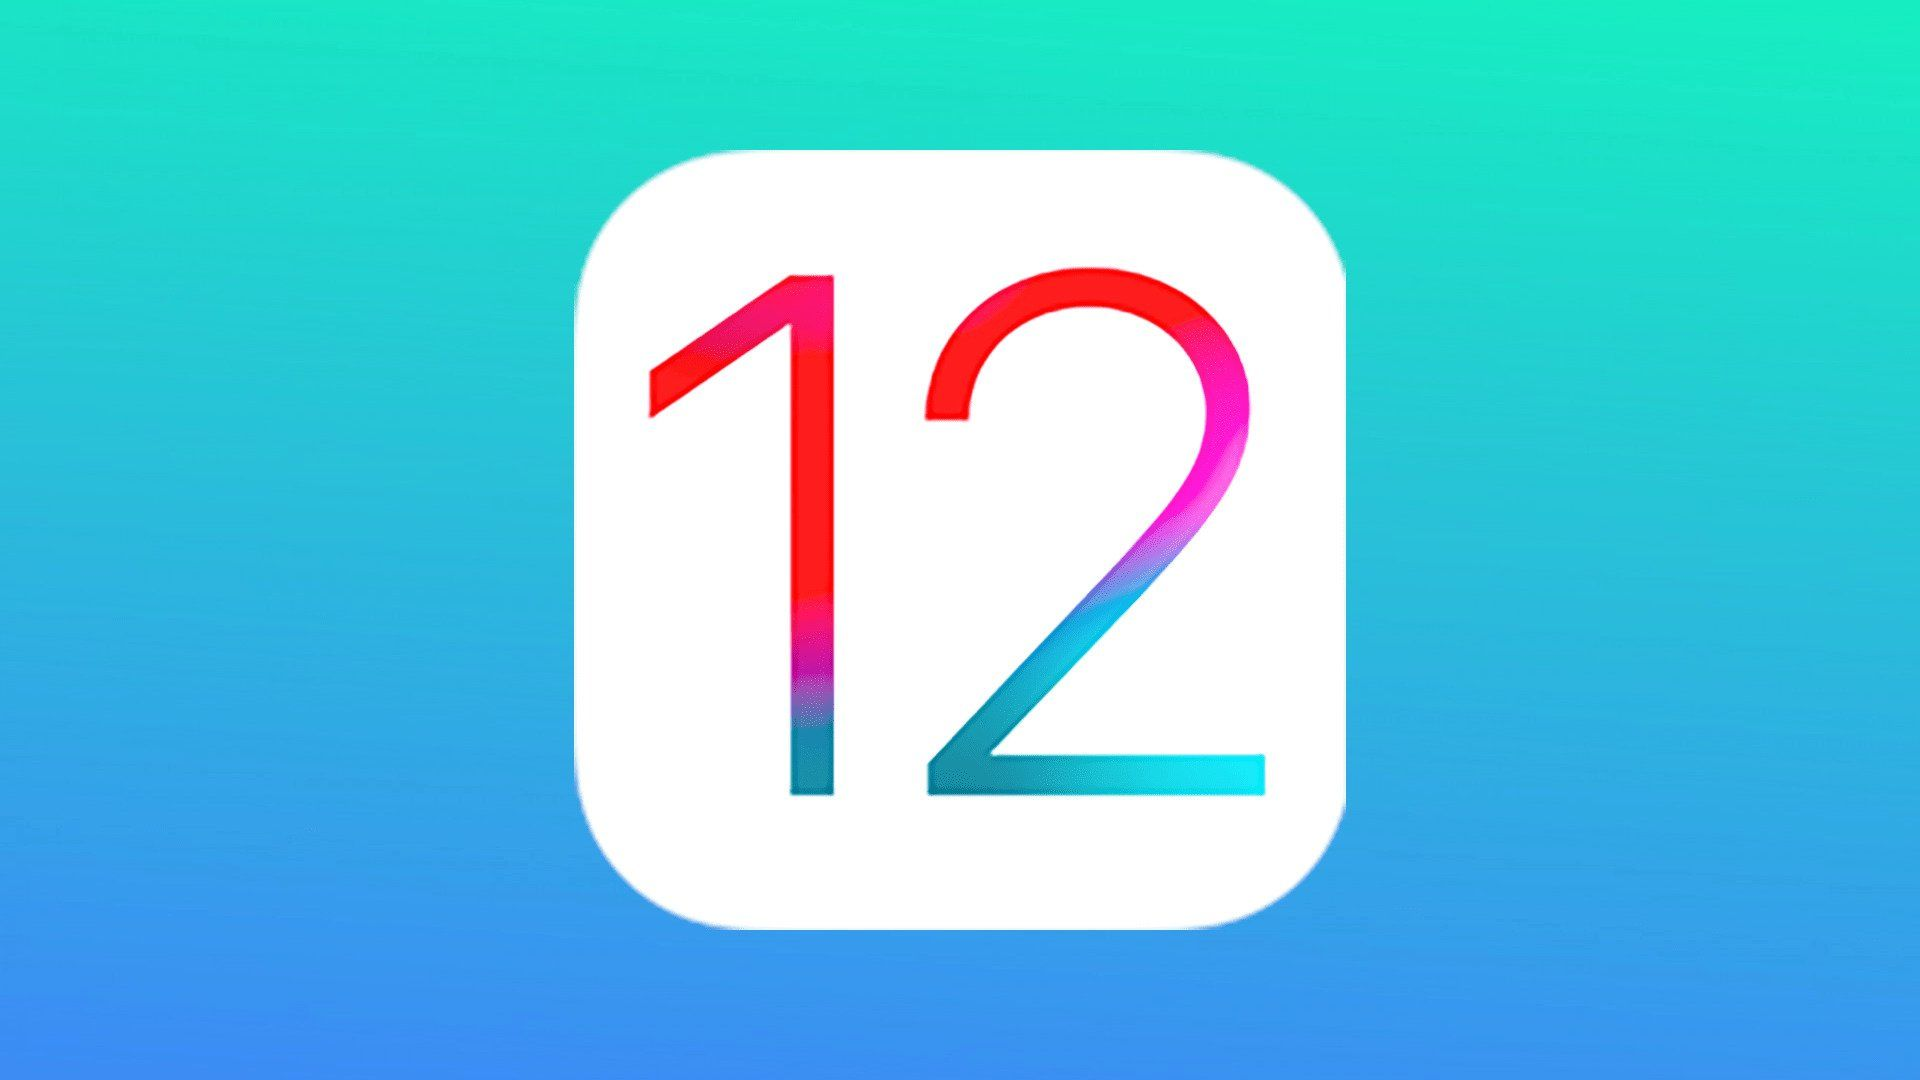 Dostępna aktualizacja zabezpieczeń w systemie iOS 12.5.4